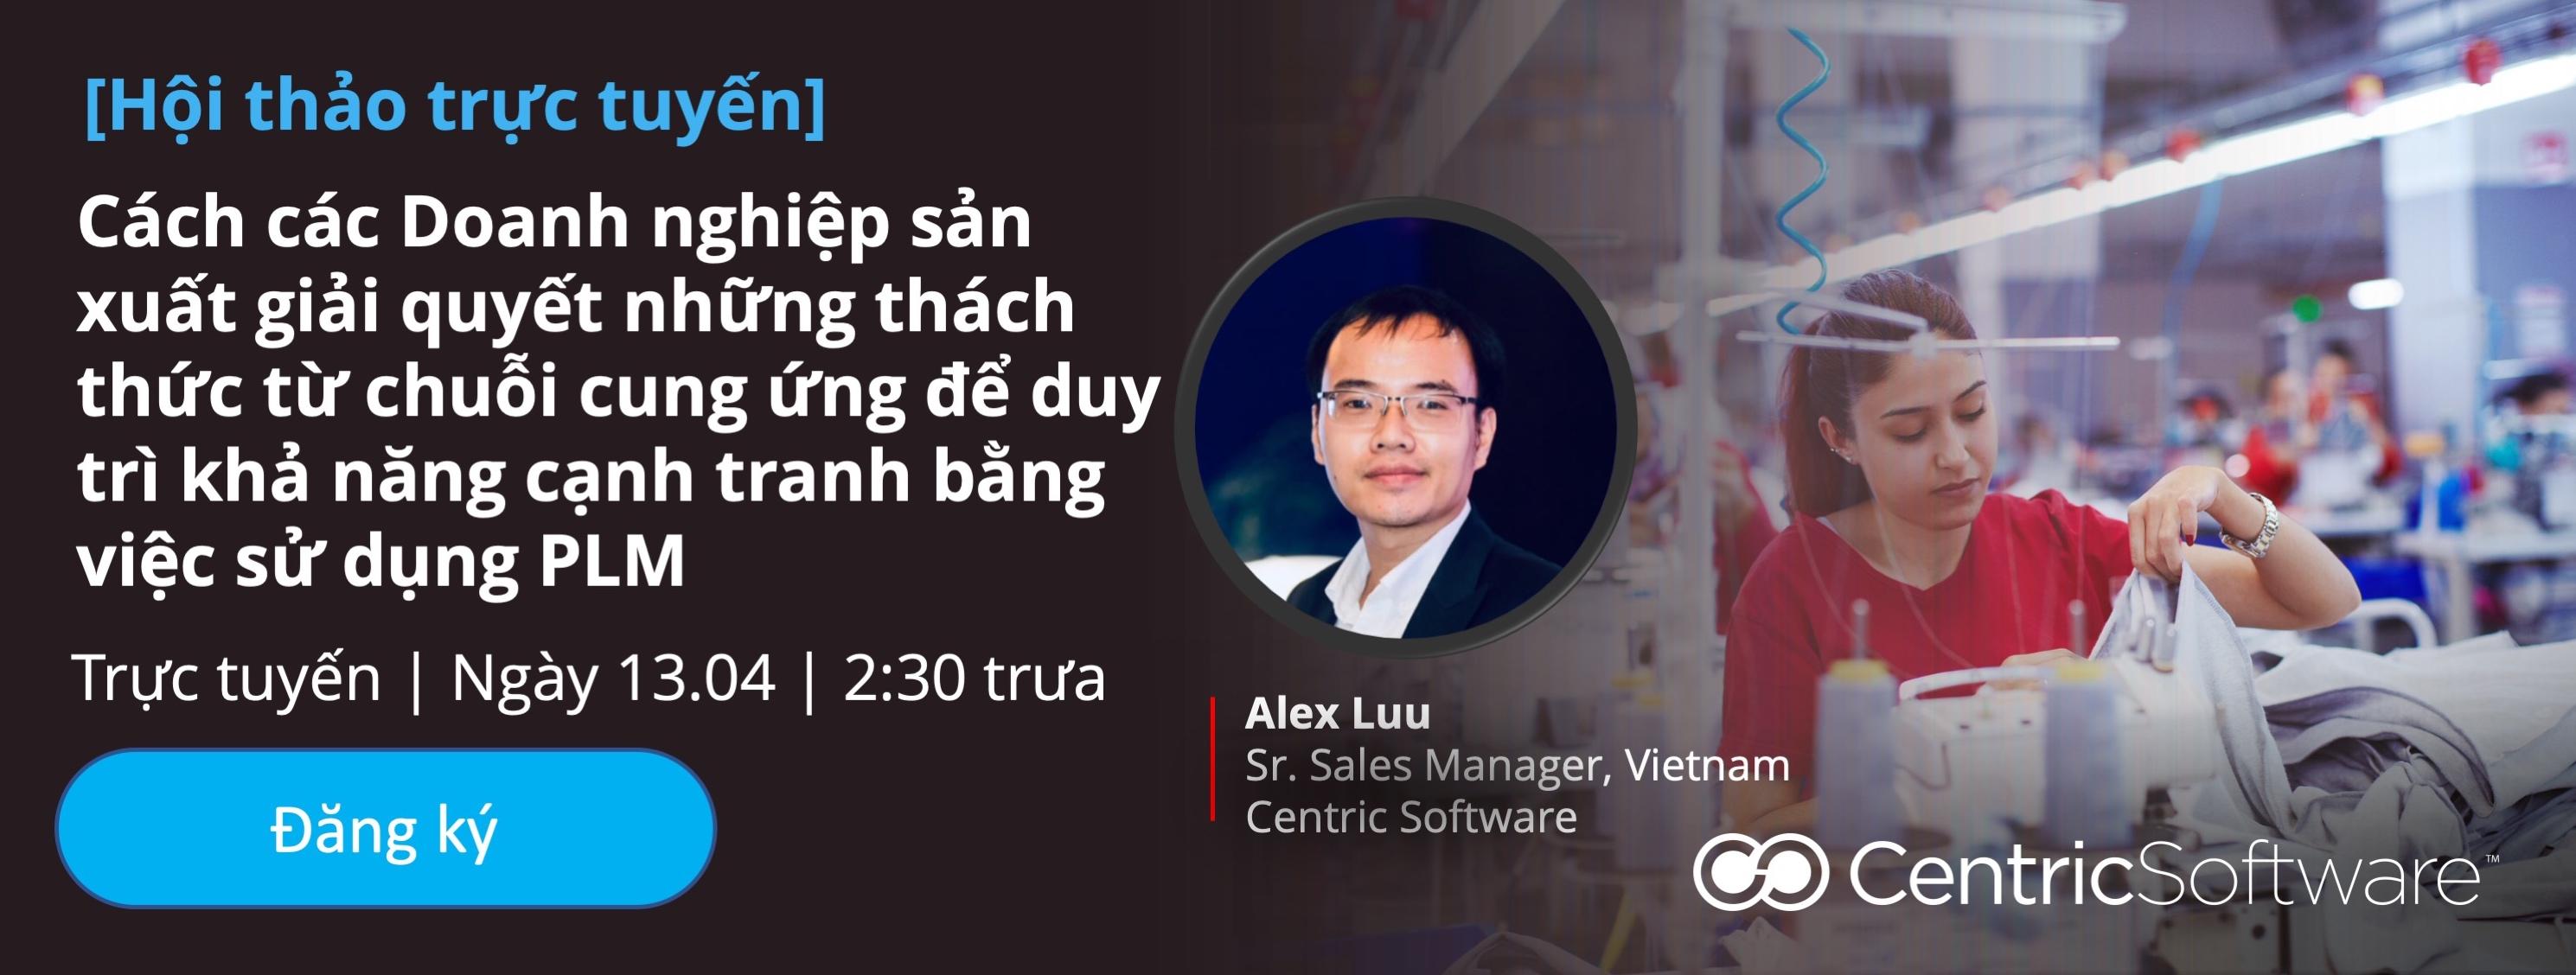 [Digital Talk] Cách các Doanh nghiệp sản xuất giải quyết những thách thức từ chuỗi cung ứng để duy trì khả năng cạnh tranh bằng việc sử dụng PLM